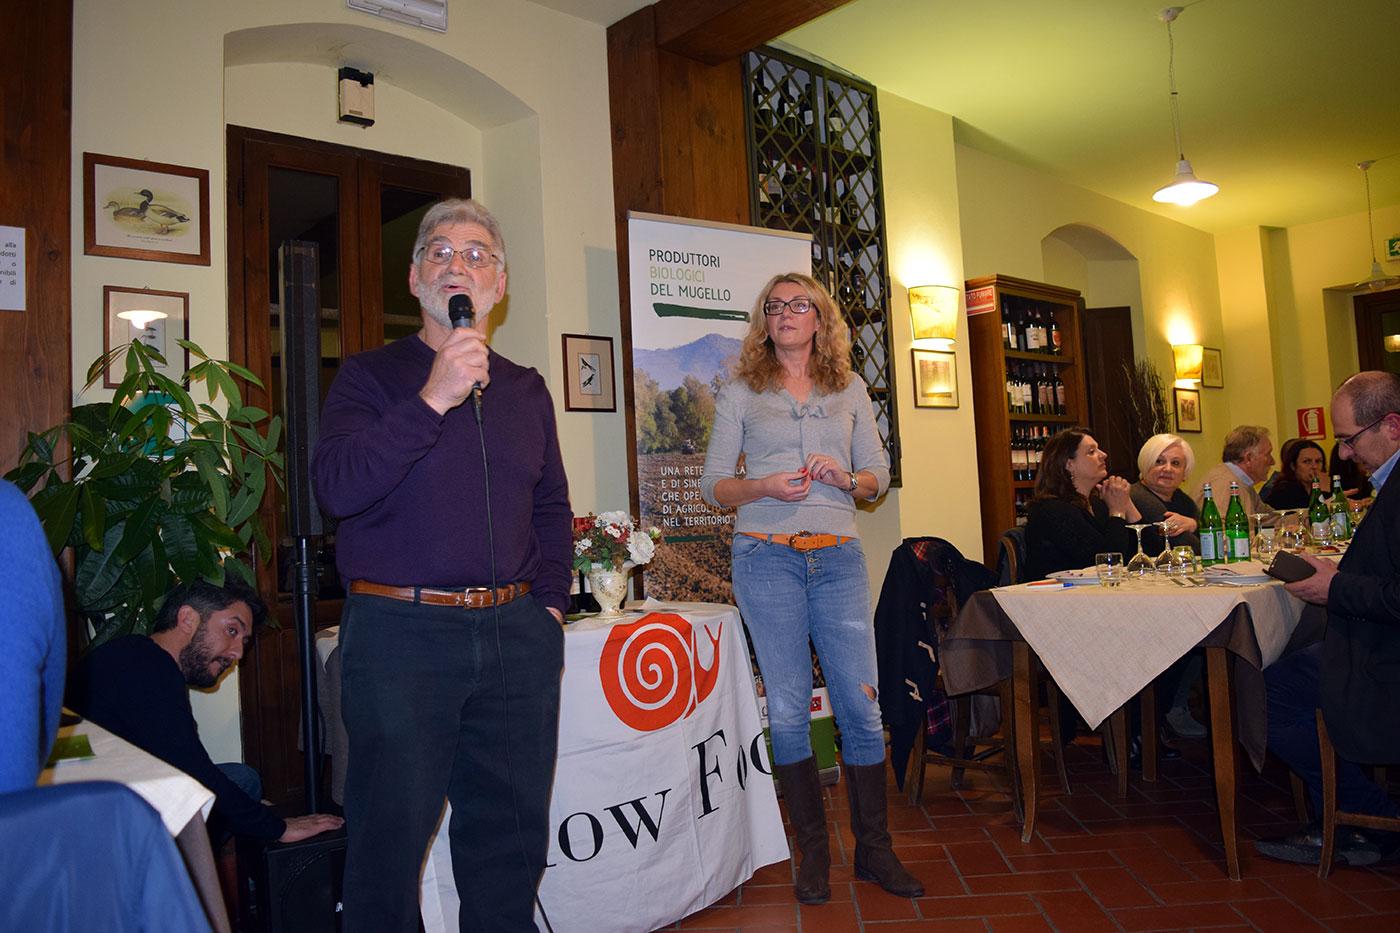 slow-food-levante-fiorentino-produttori-biologici-bio-1